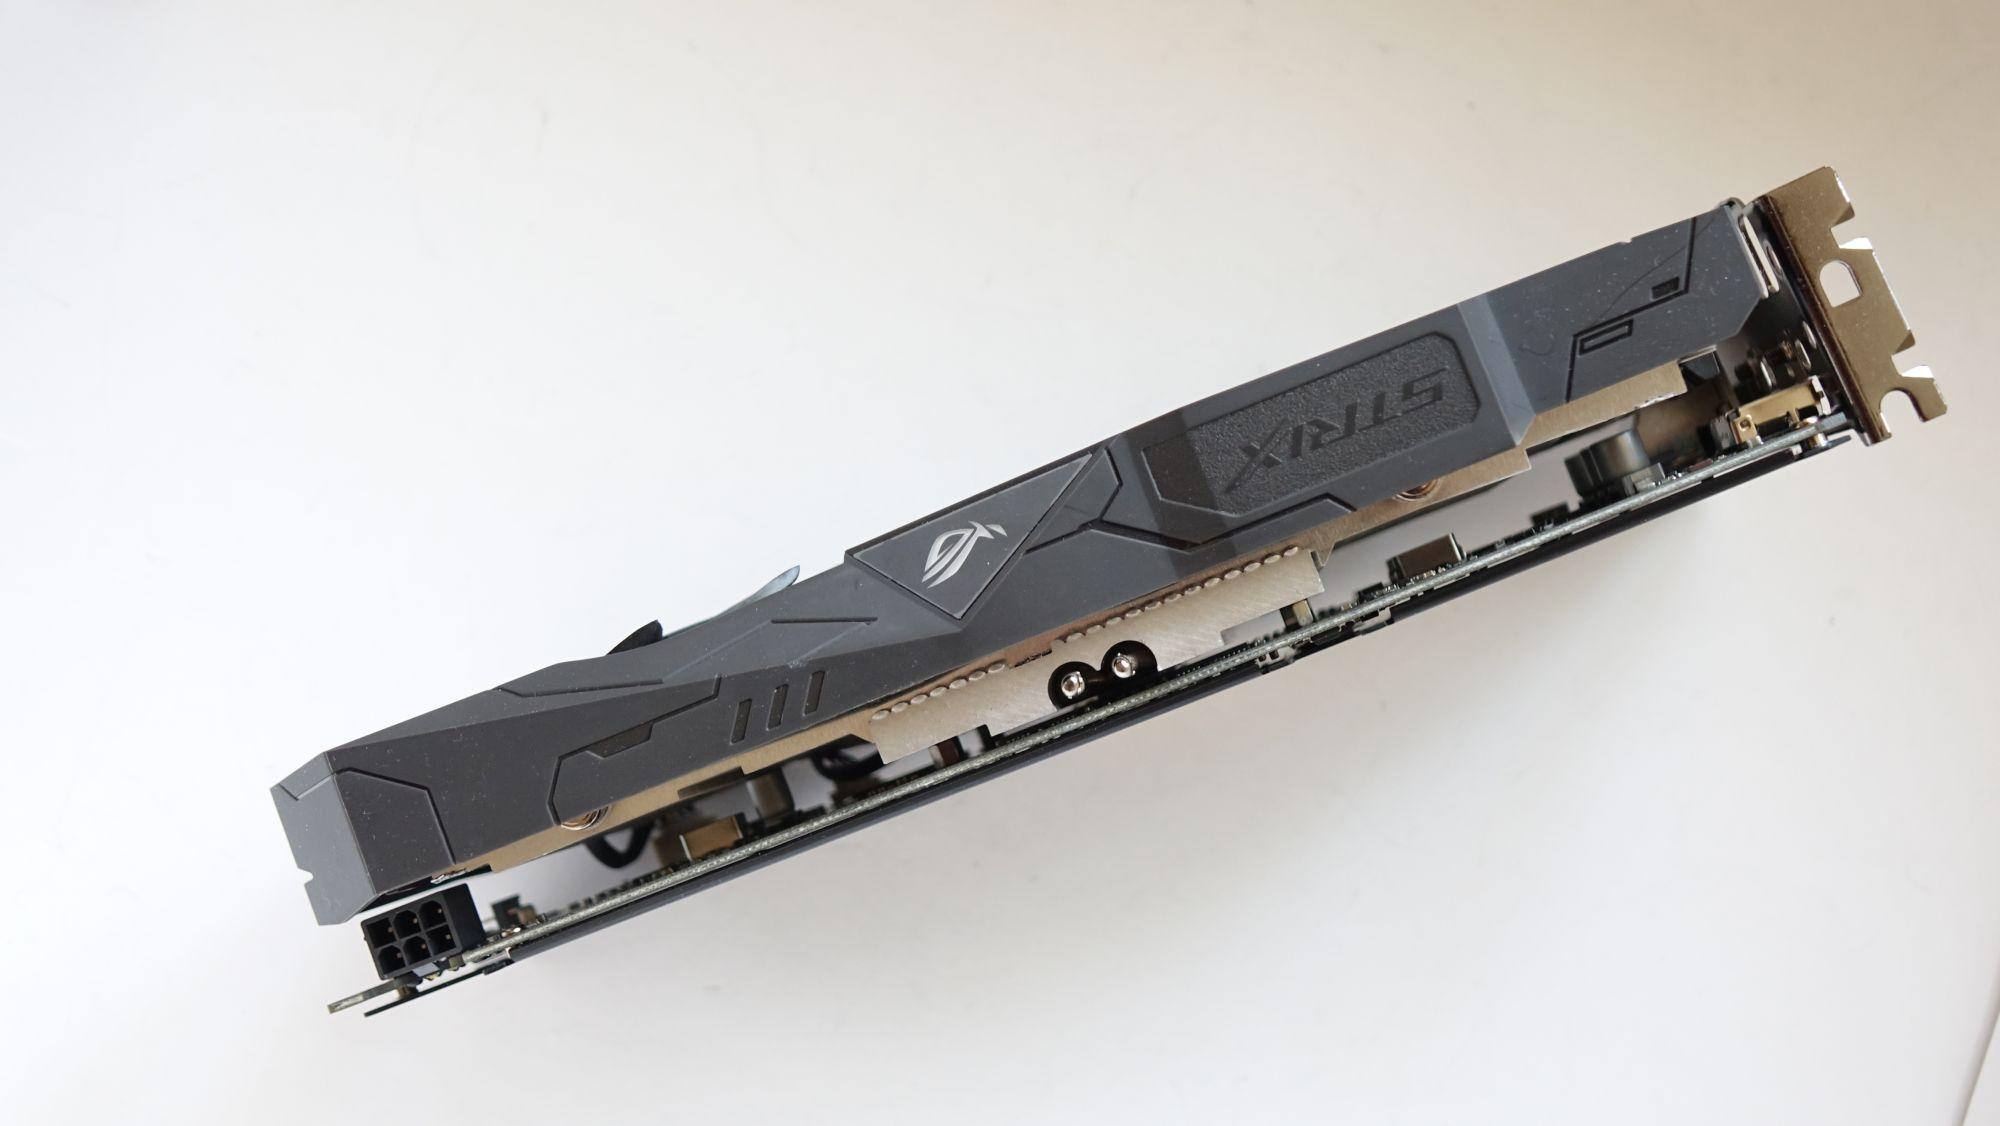 ASUS ROG Strix GTX 1050 side